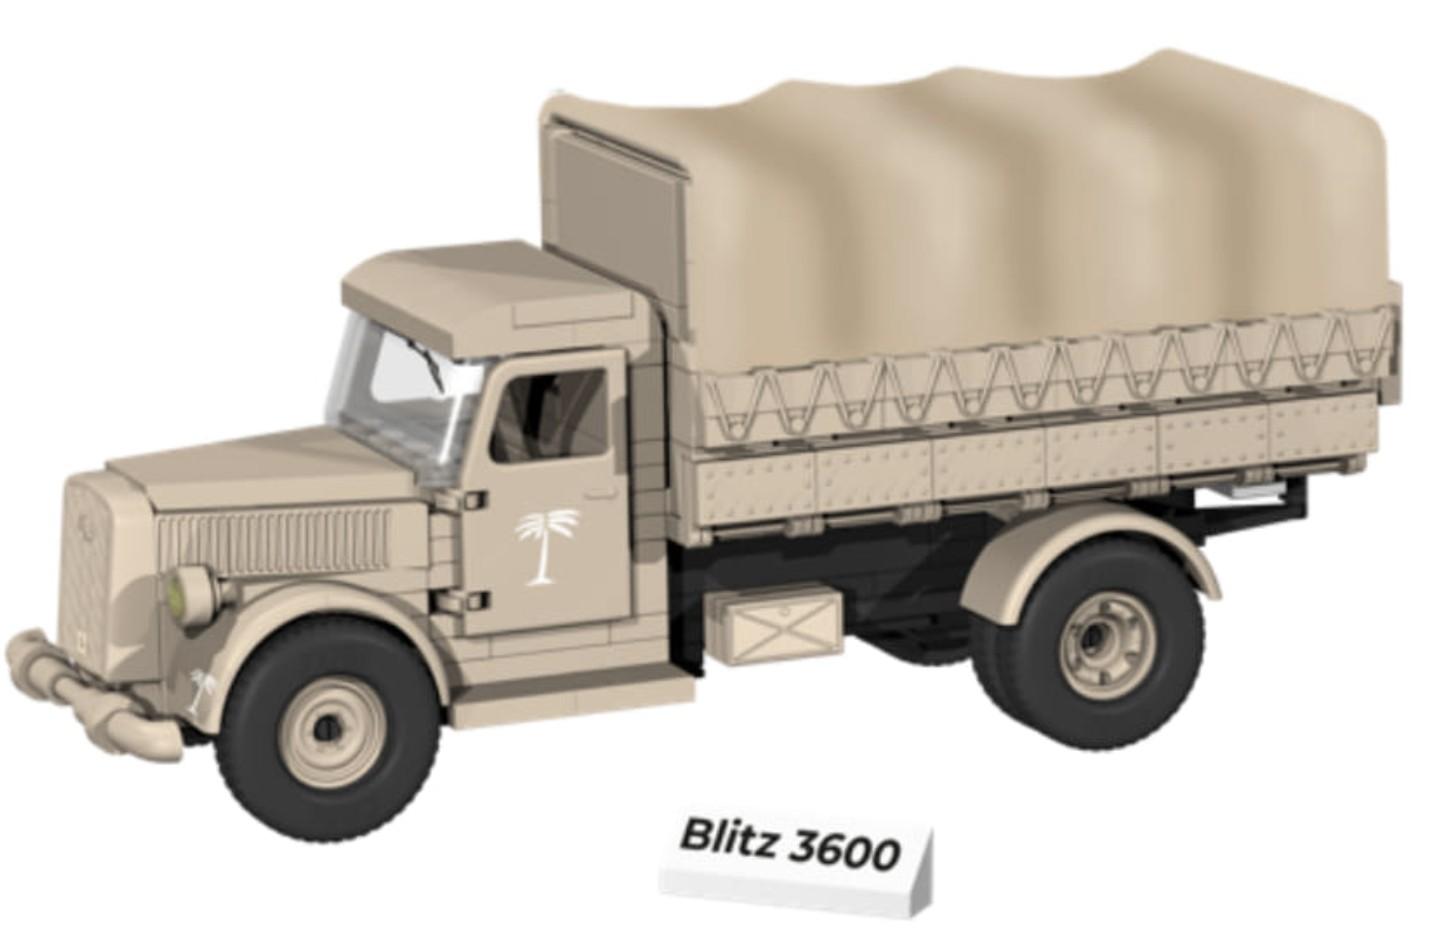 2254 - Blitz 3600